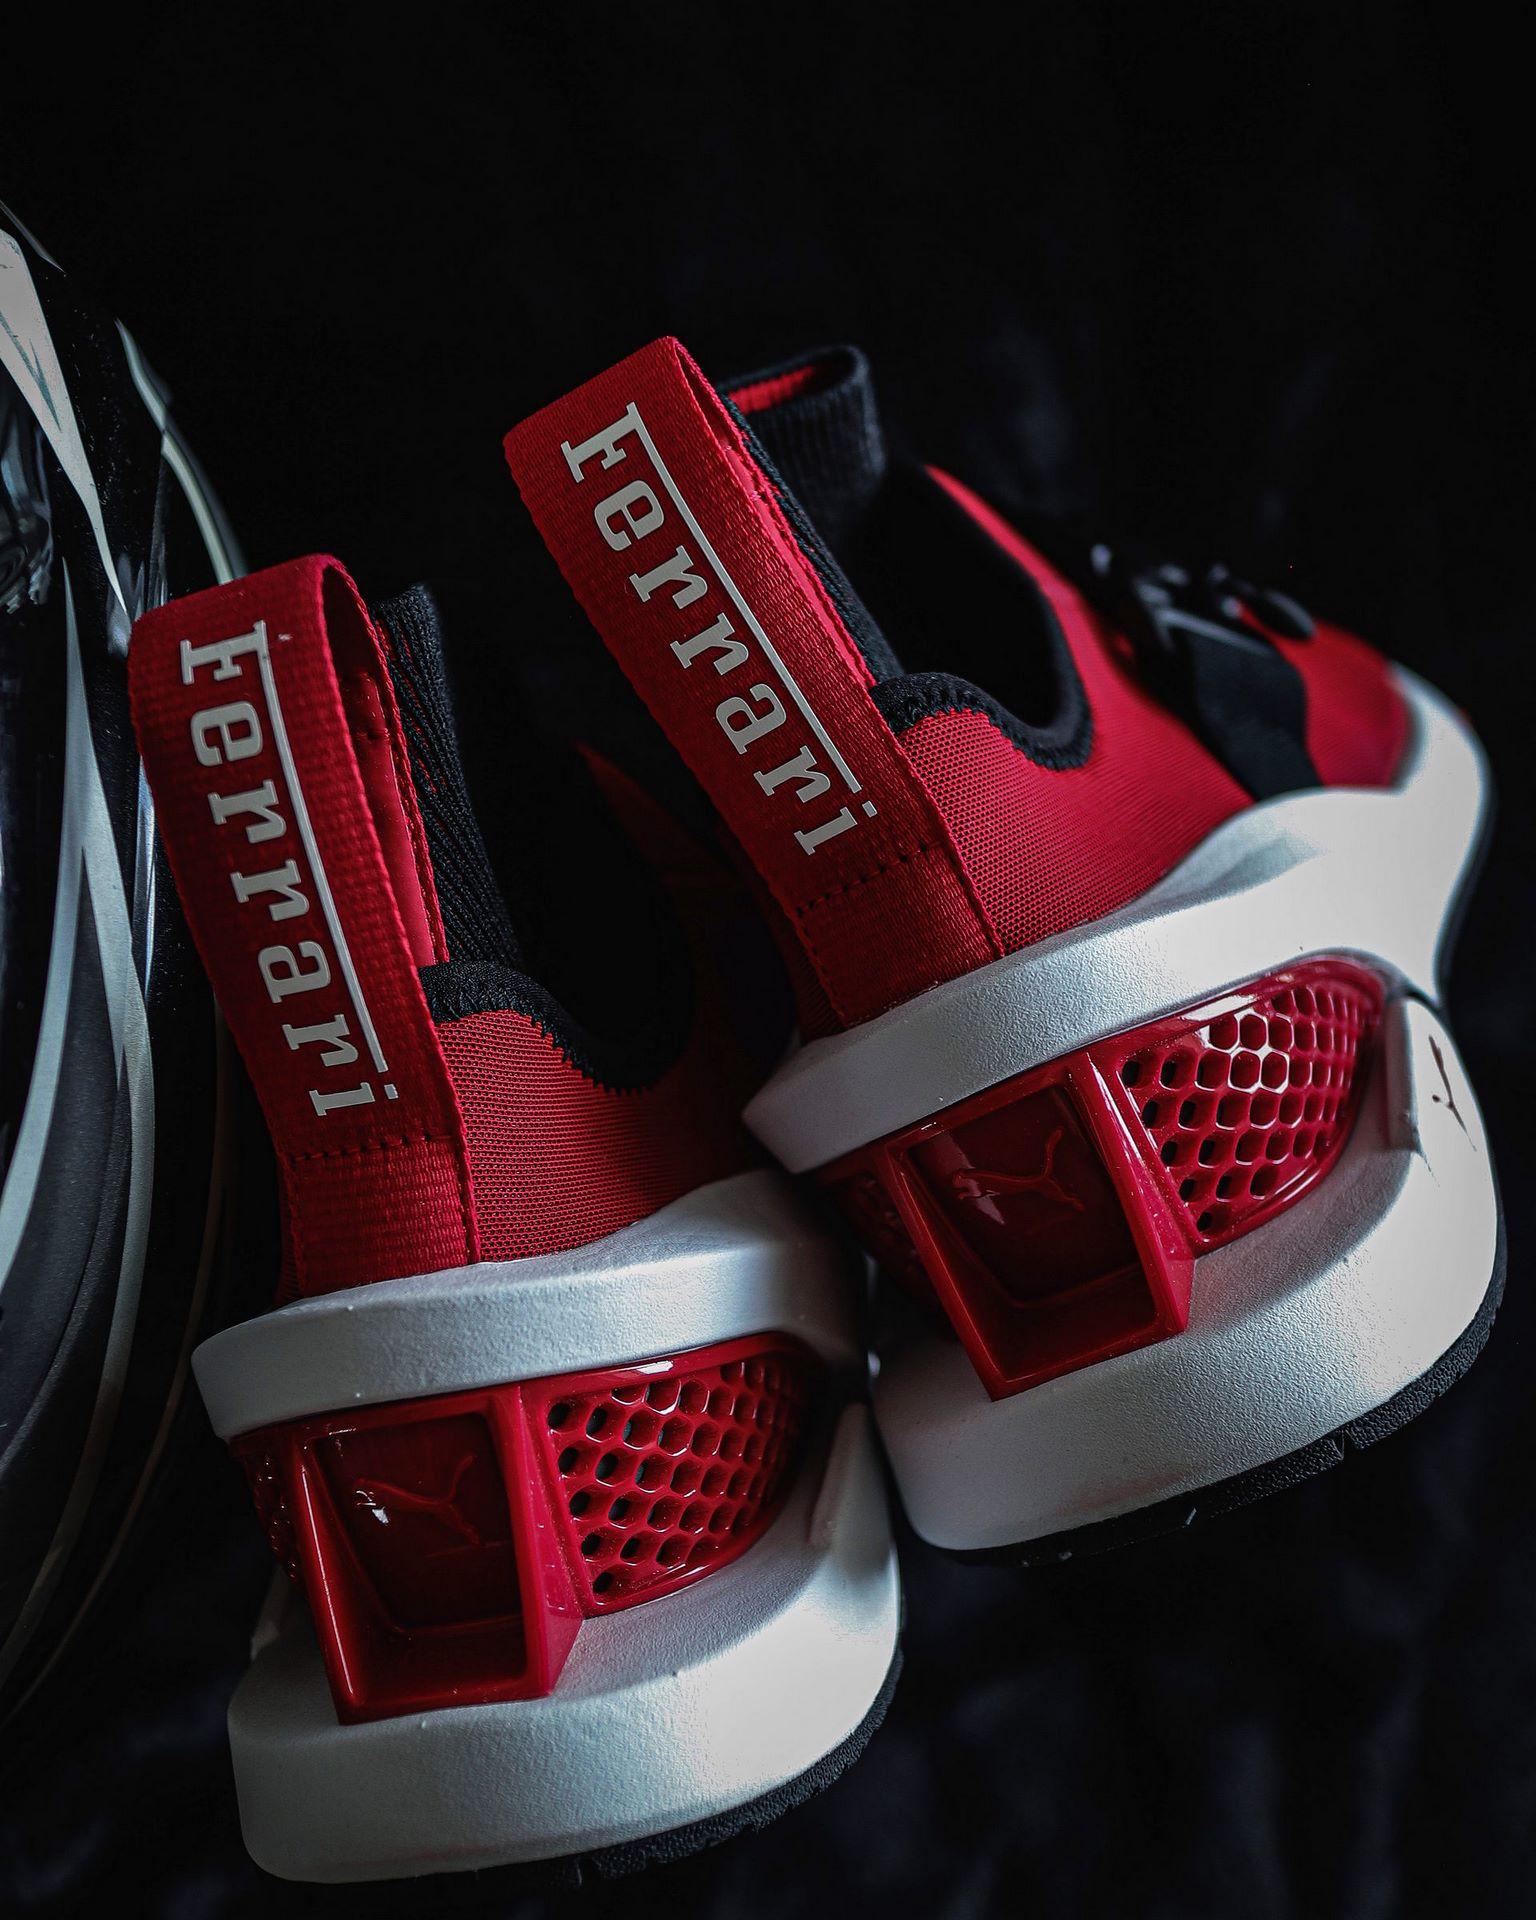 Puma-x-Ferrari-ION-F-Sneakers-8